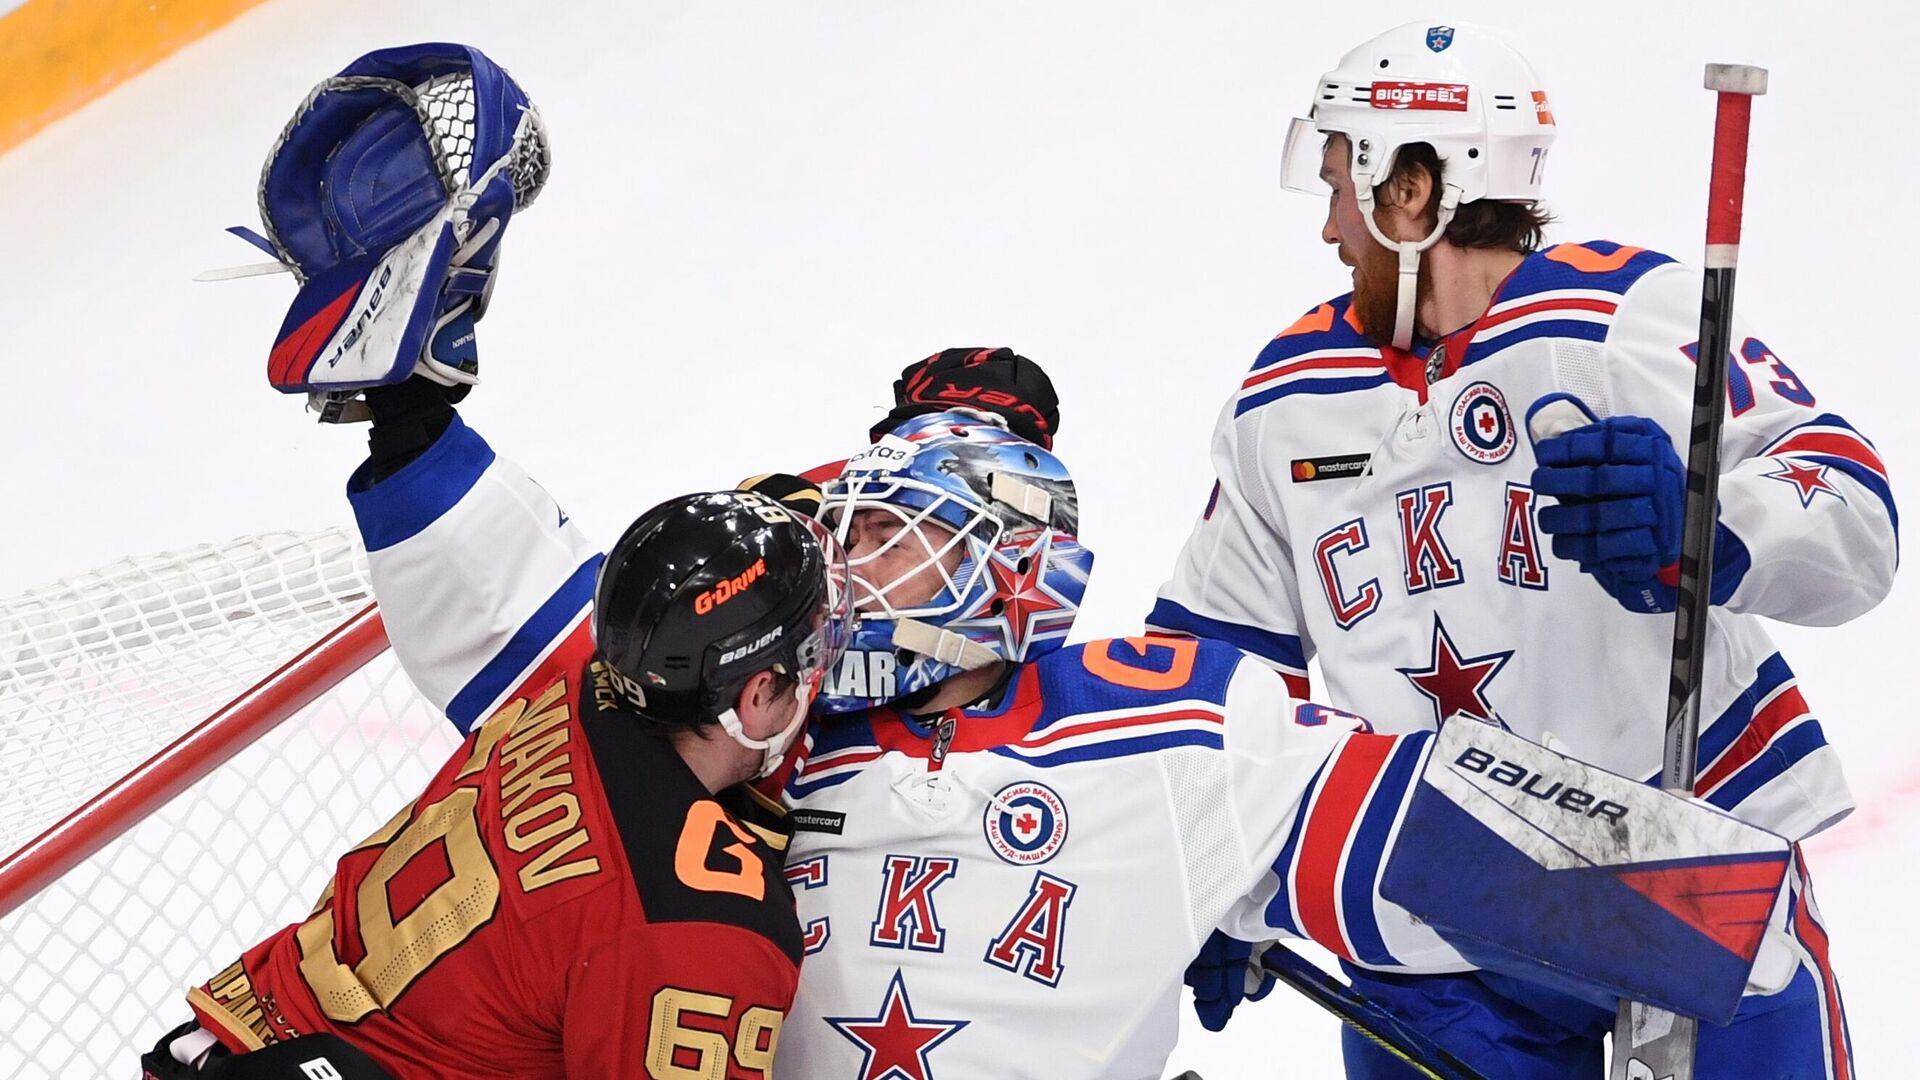 игру хоккей кхл 2020 apk